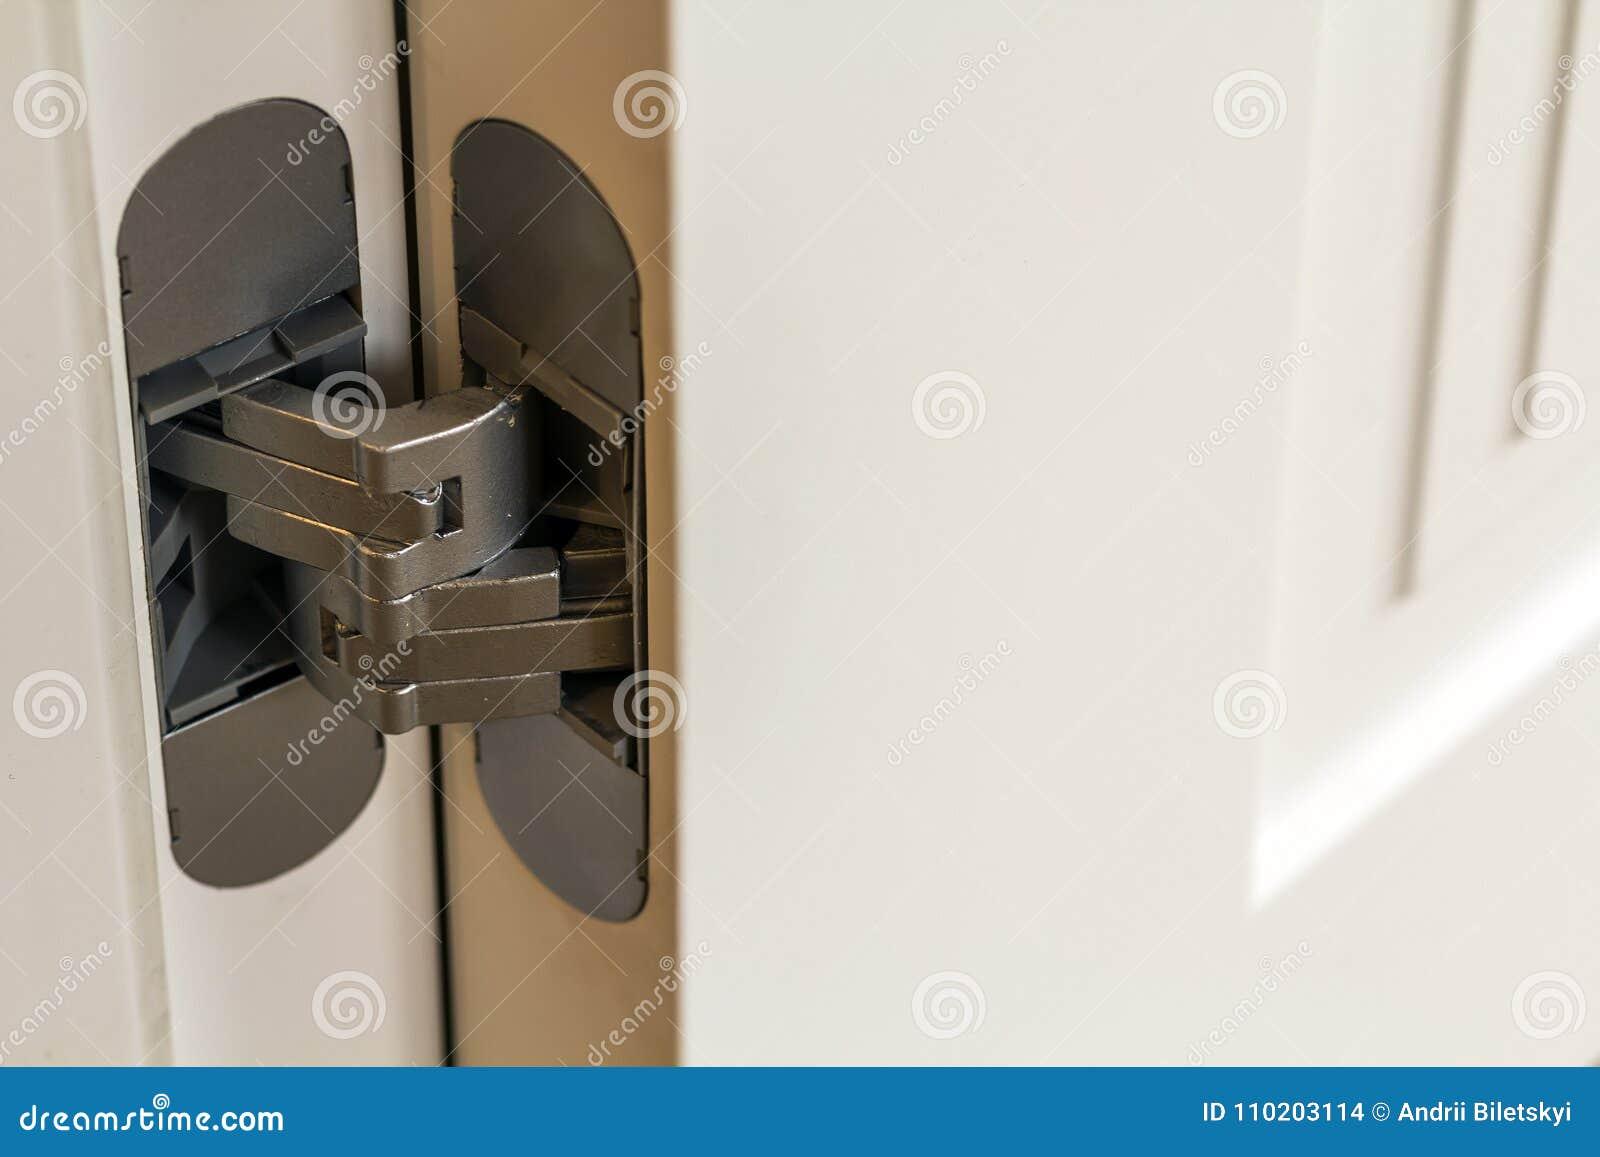 Porte In Legno Moderne : Nuove cerniere di porta moderne del metallo sulle porte di legno